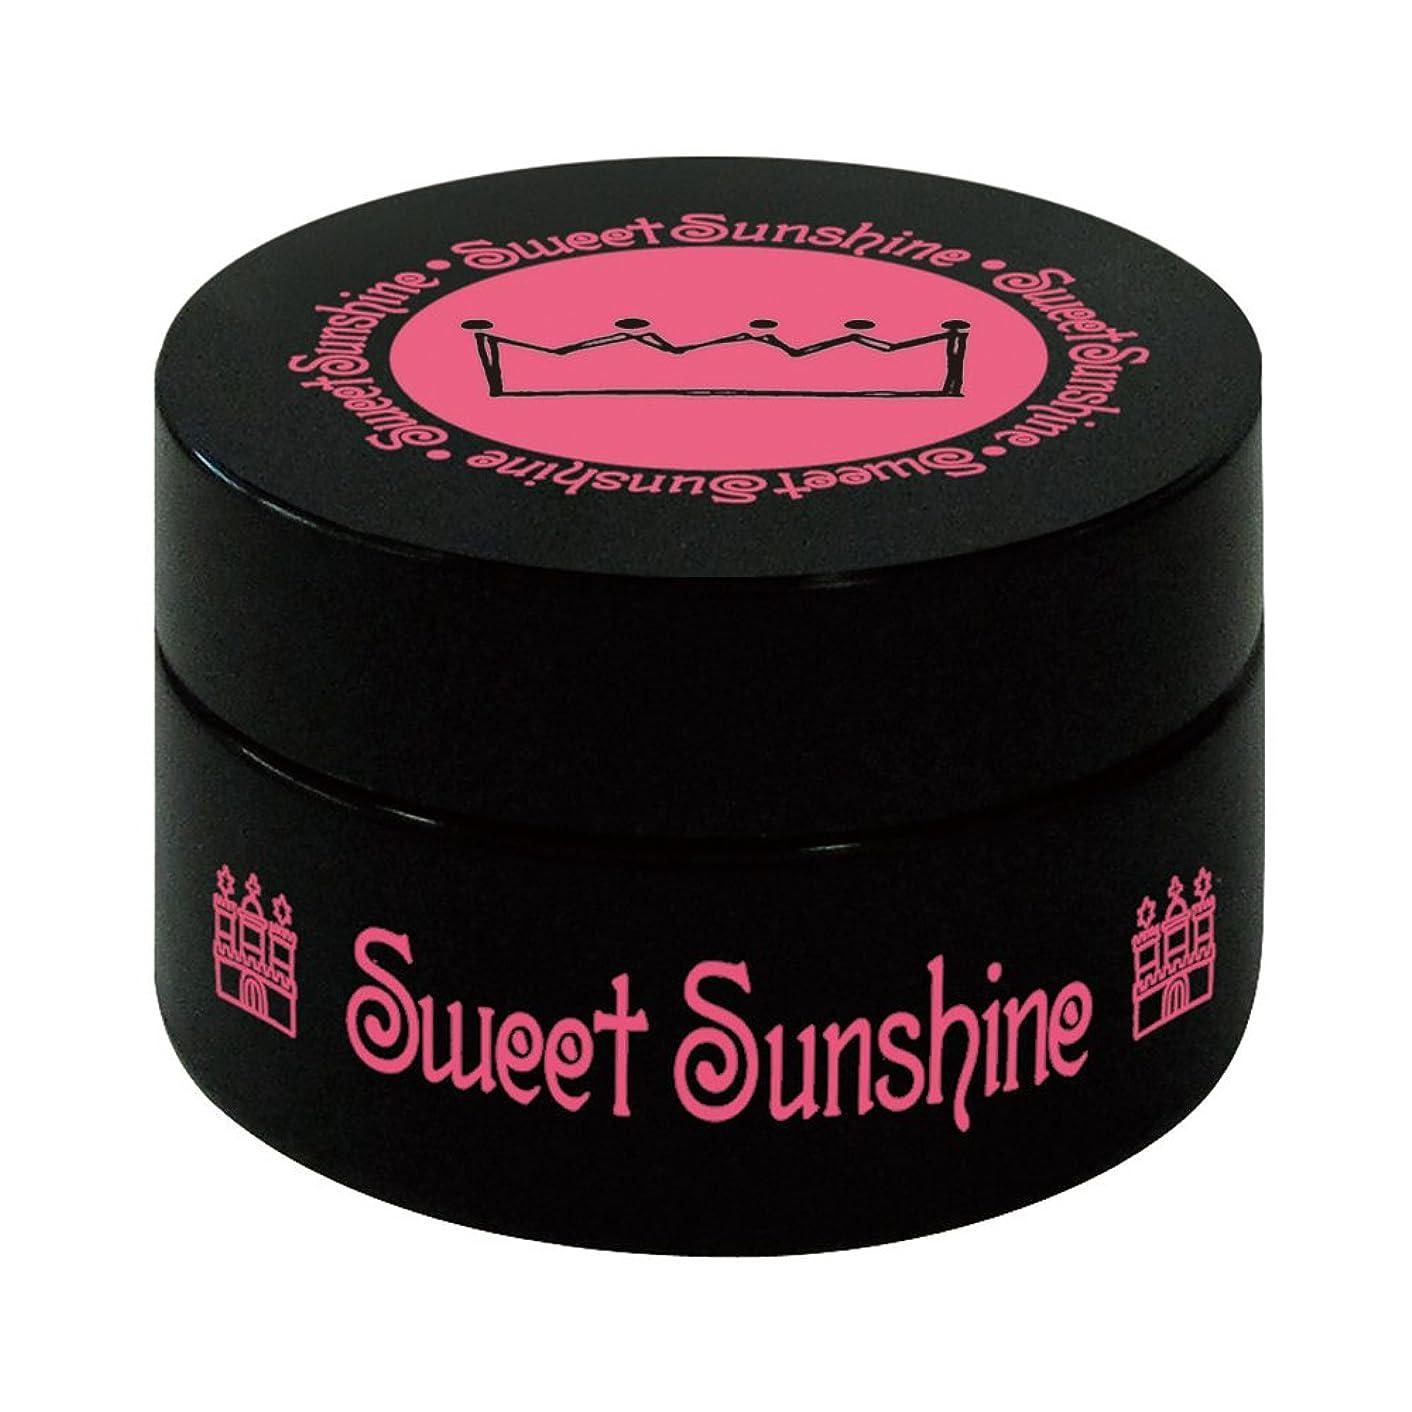 再集計ルアーアンティーク最速硬化LED対応 Sweet Sunshine スィート サンシャイン カラージェル SC-33 4g パールピンクキャラメル